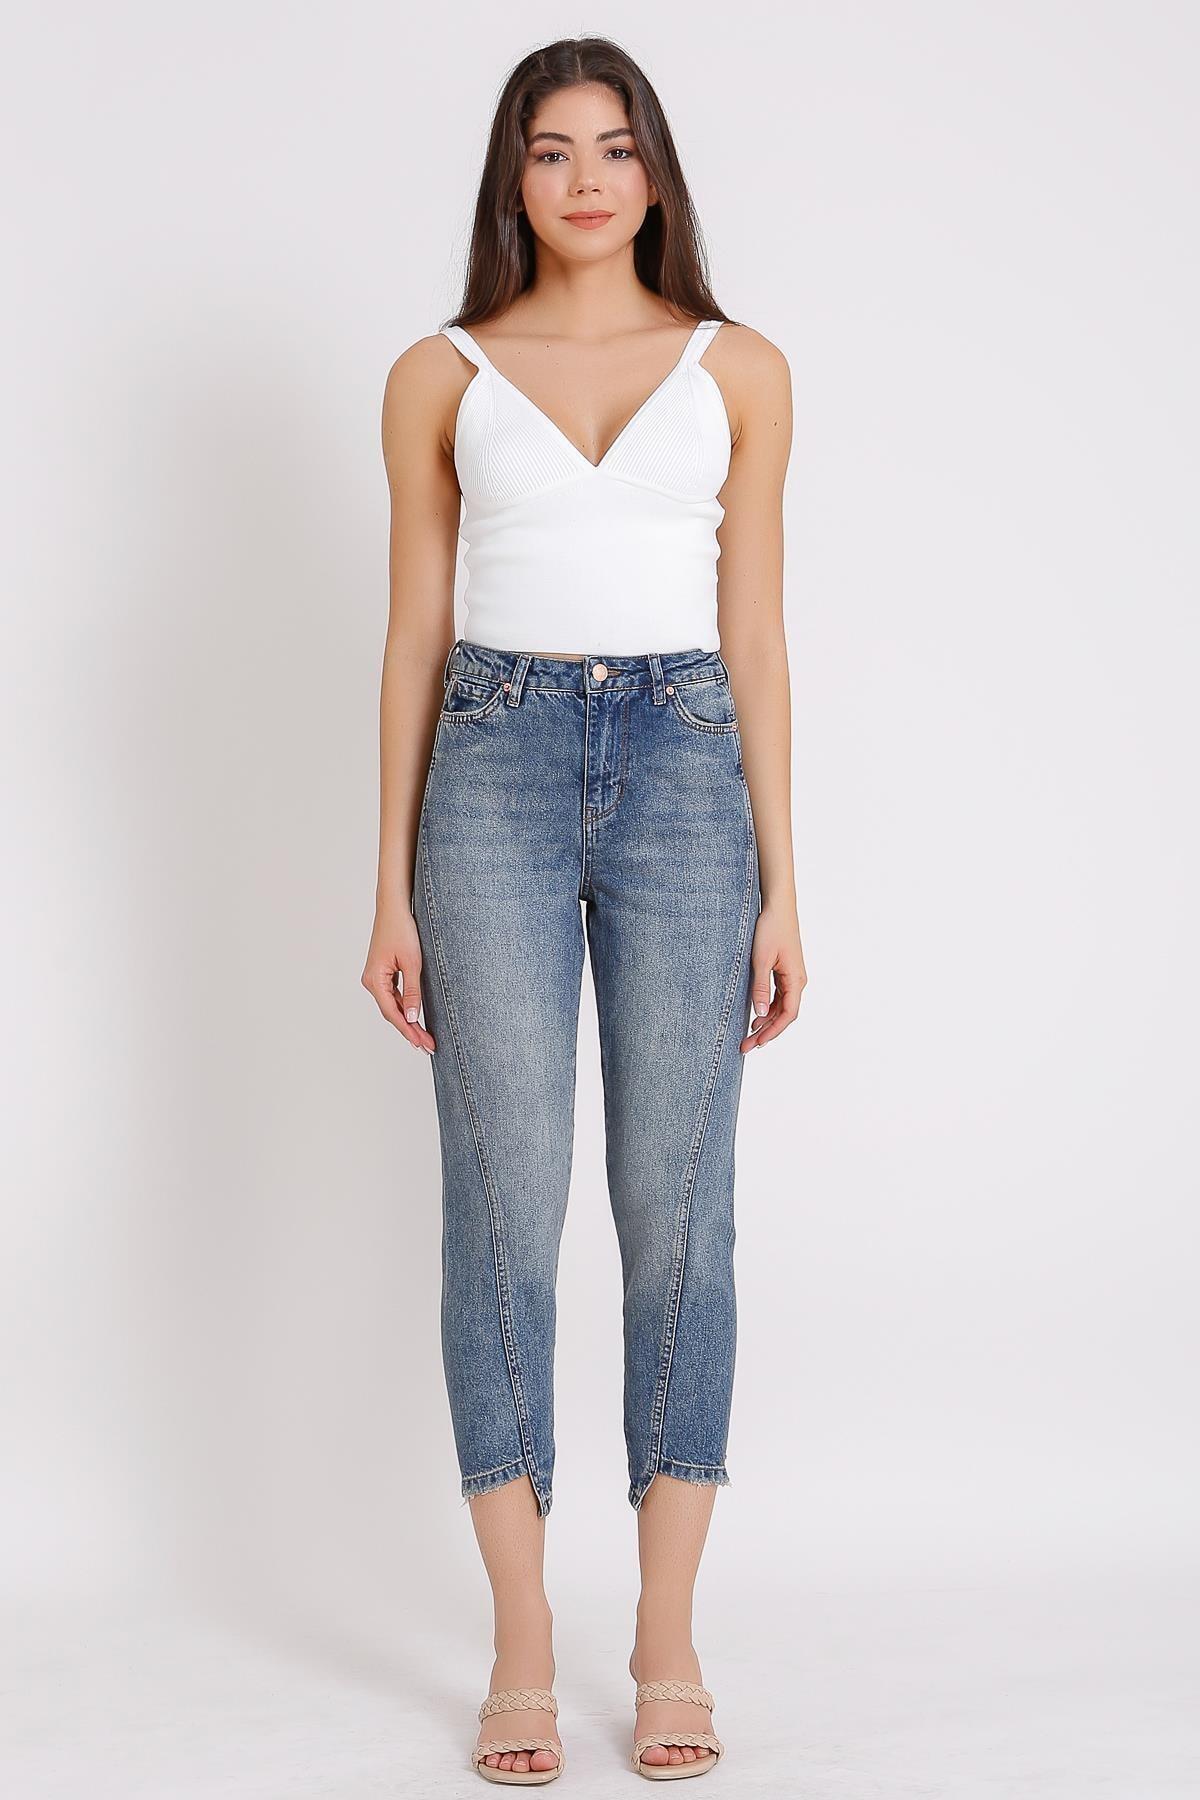 Kadın Mavi Yüksek Bel Kot Denim  Mom Jeans 2084